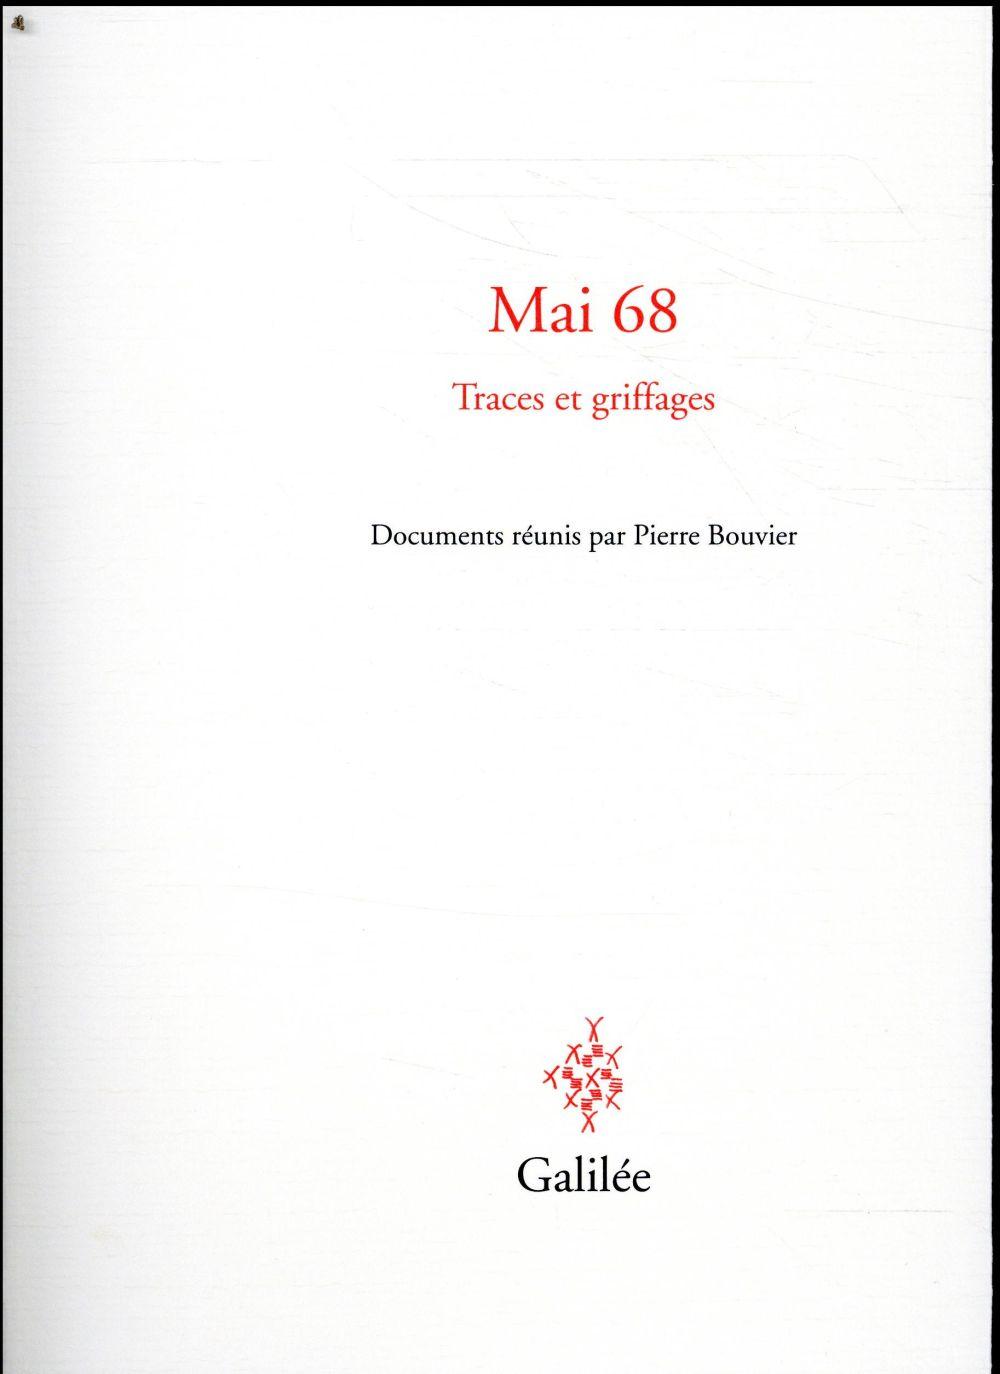 MAI 68 : TRACES ET GRIFAGES